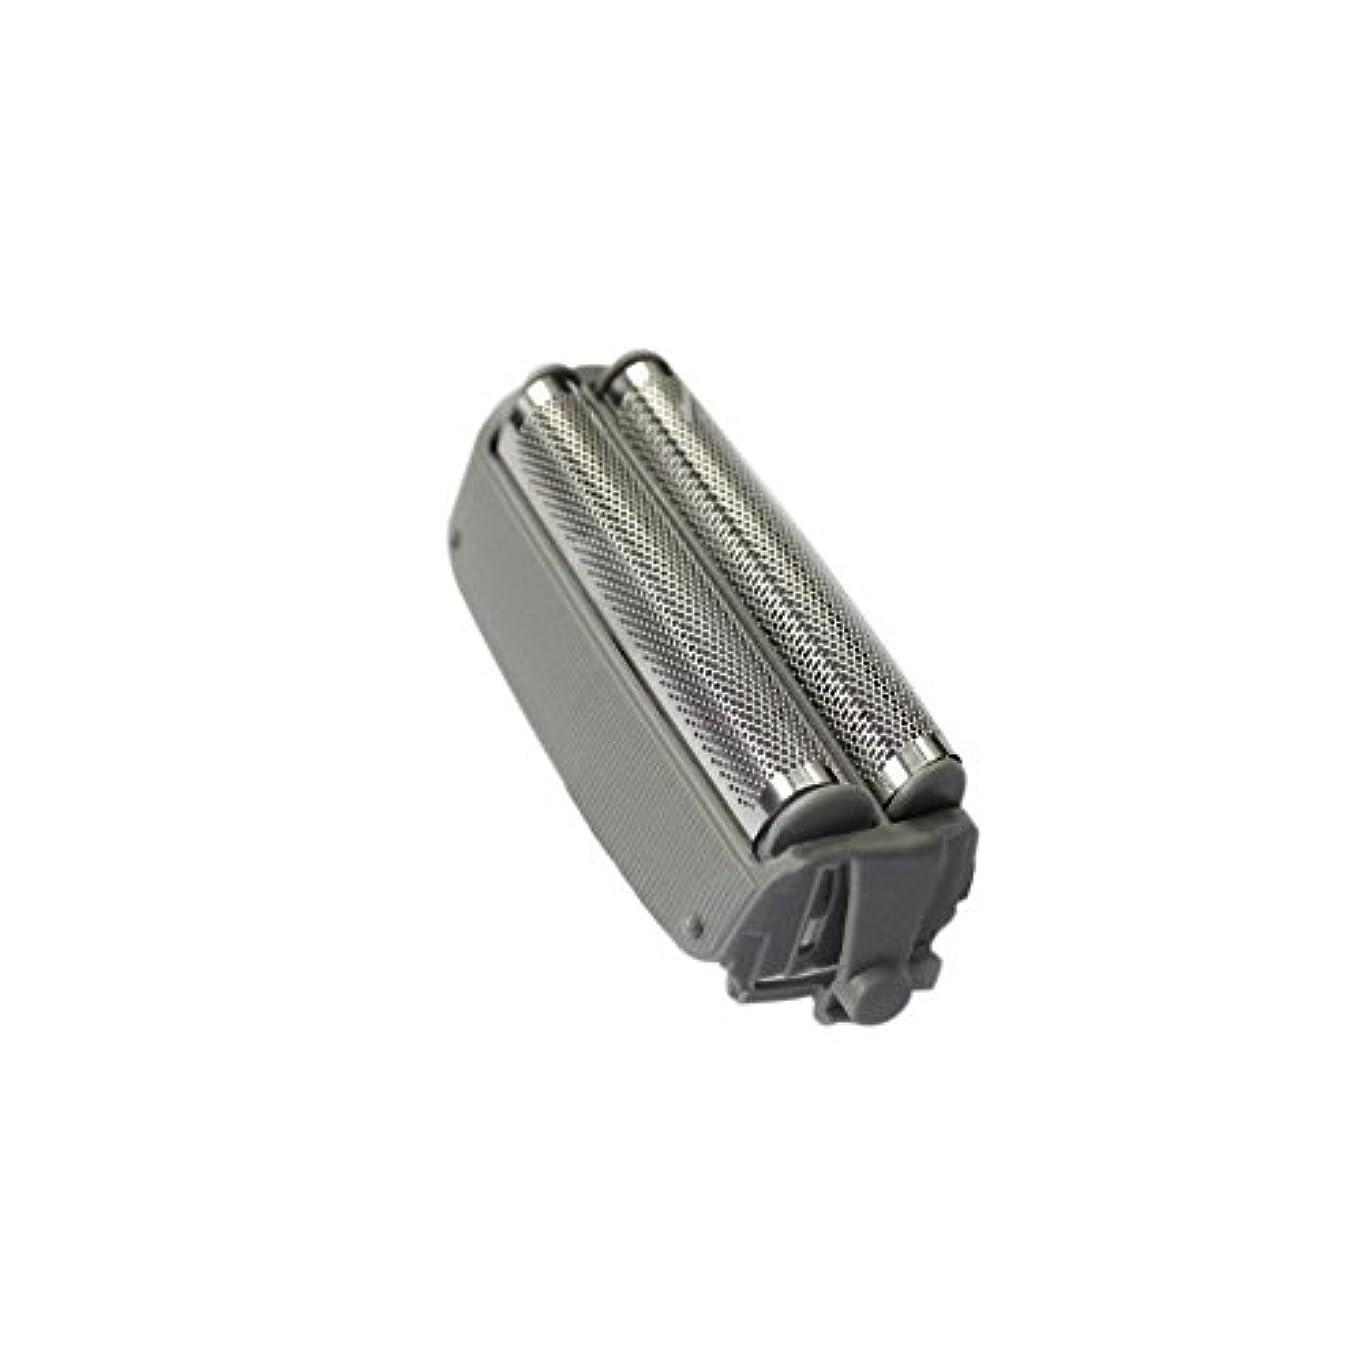 わな適度に文言HZjundasi Replacement Outer ホイル for Panasonic ES4027/33/35/36 ES4820/23 ES9859